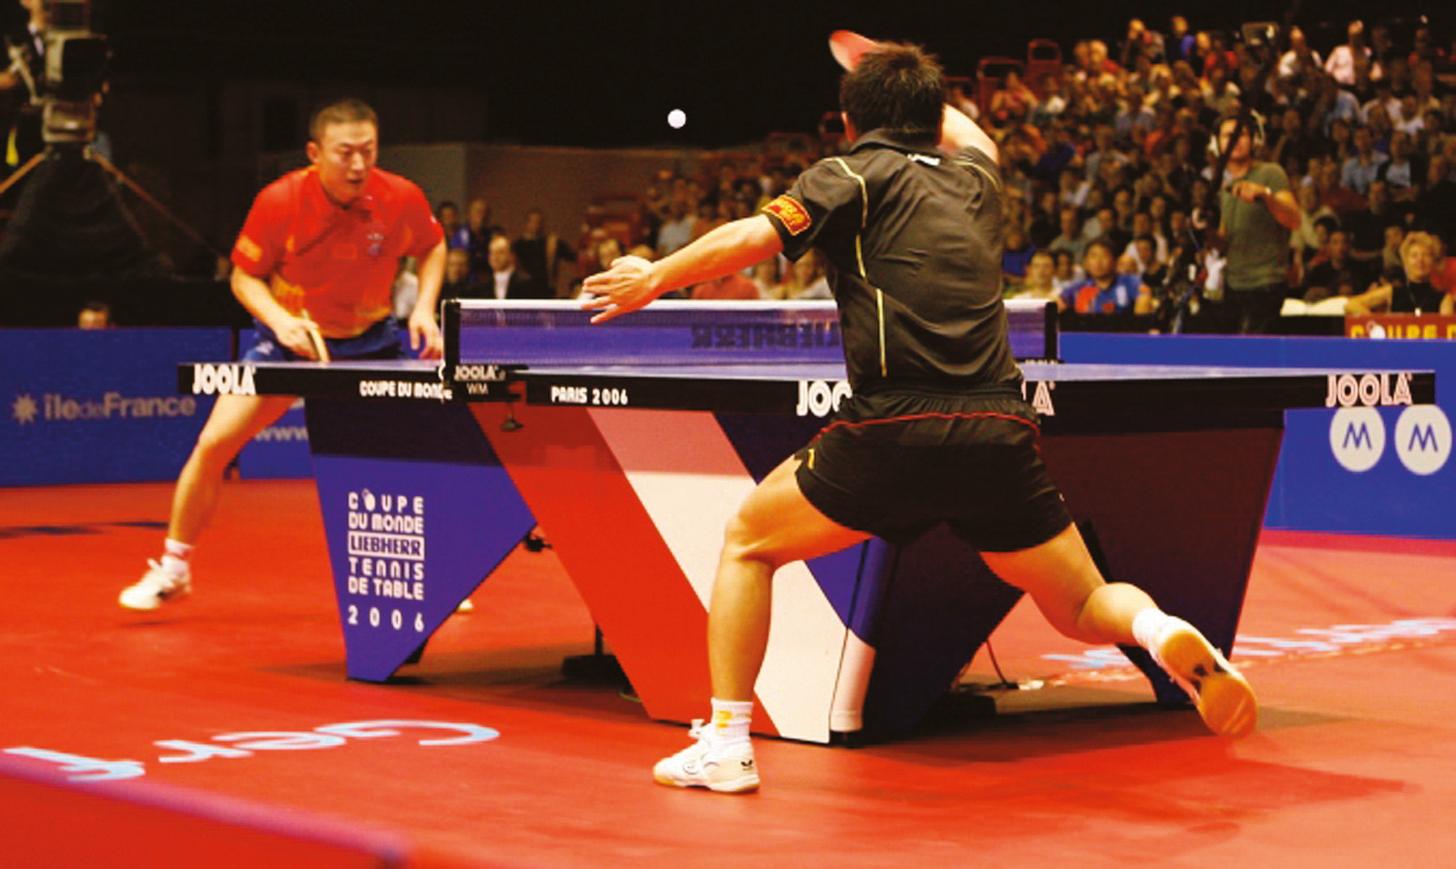 Joola Wettkampf-Tischtennisplatte